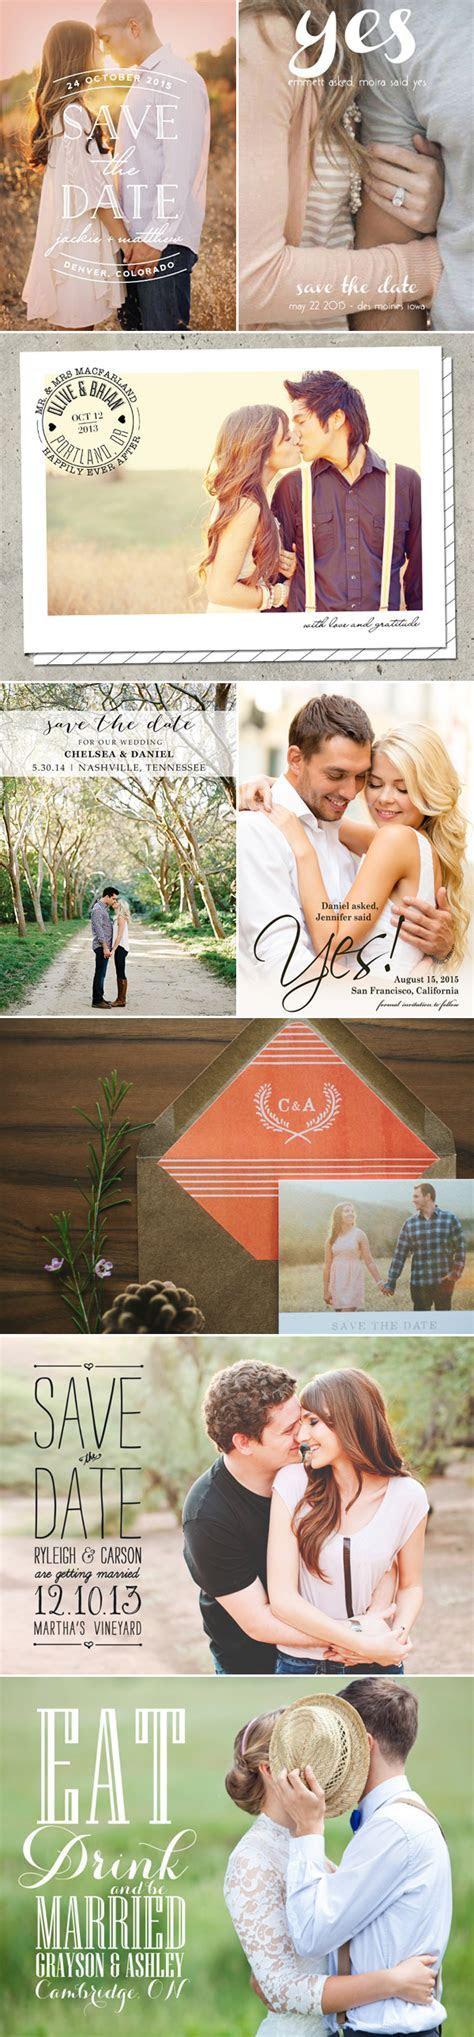 17 Cute Photo Save the date Ideas   Praise Wedding